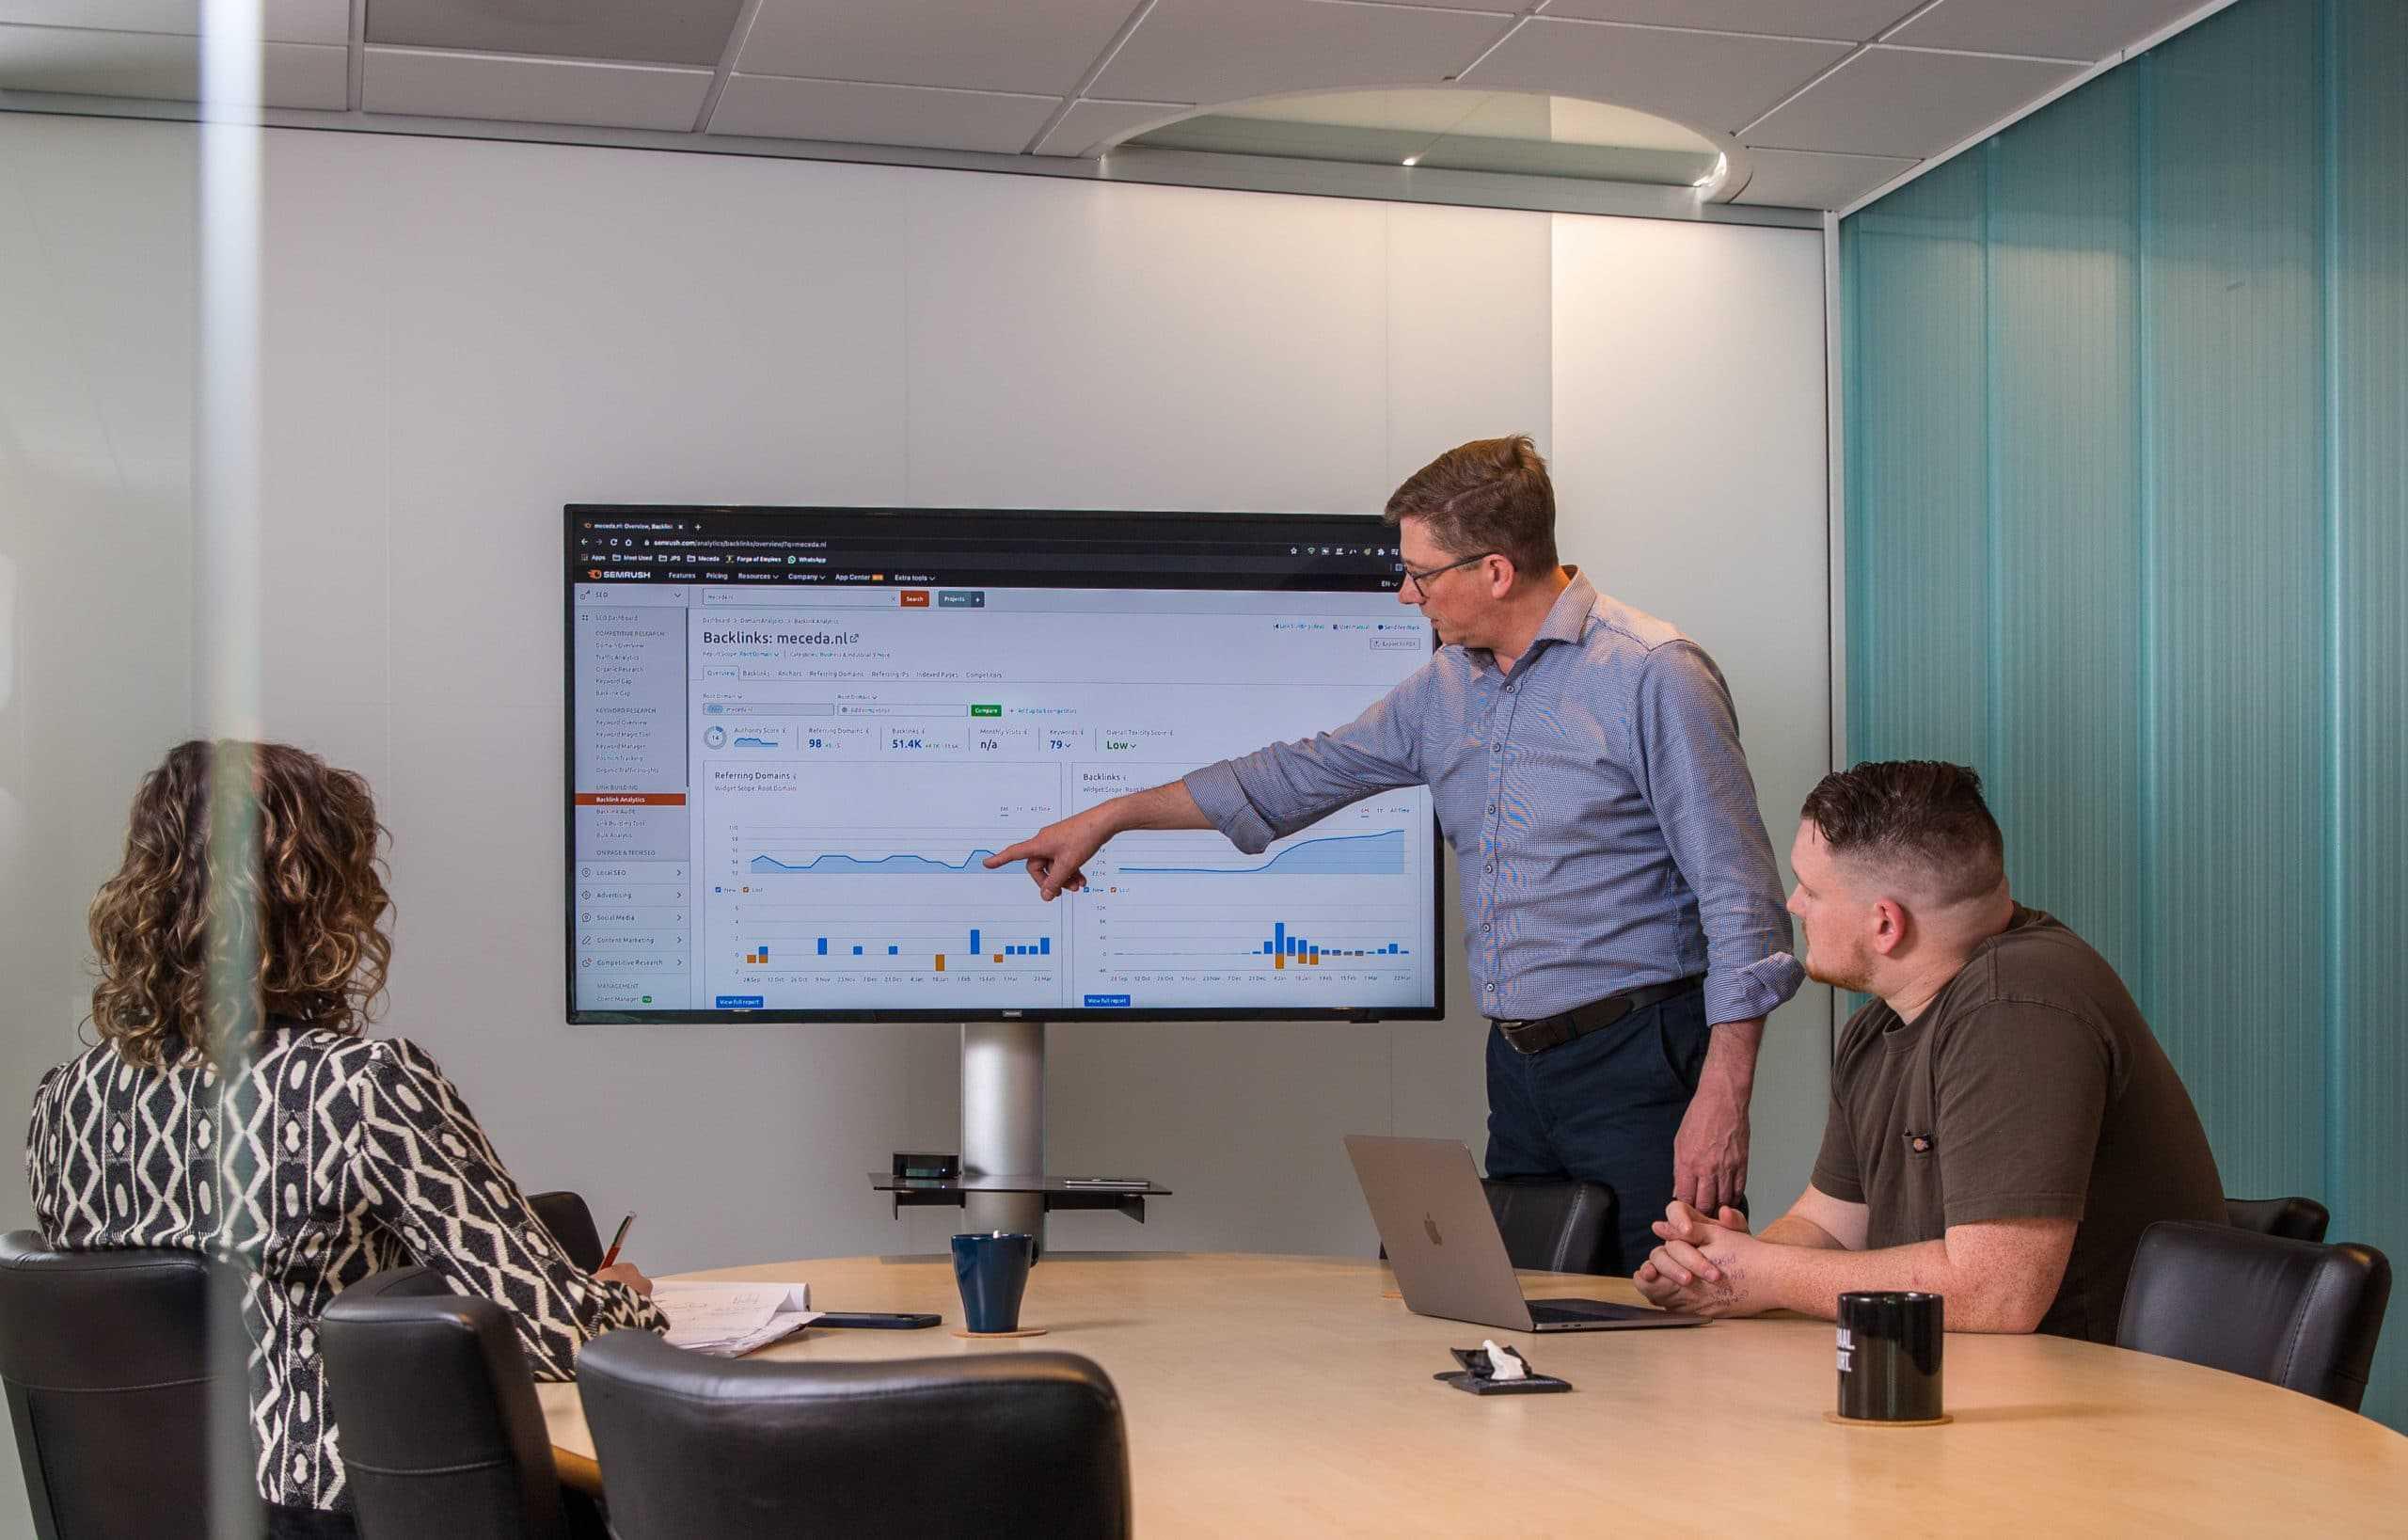 Online Marketingbureau (SEO) Groningen door Jan-Paul Steggerda, Dagmar Post & Dennis Eising